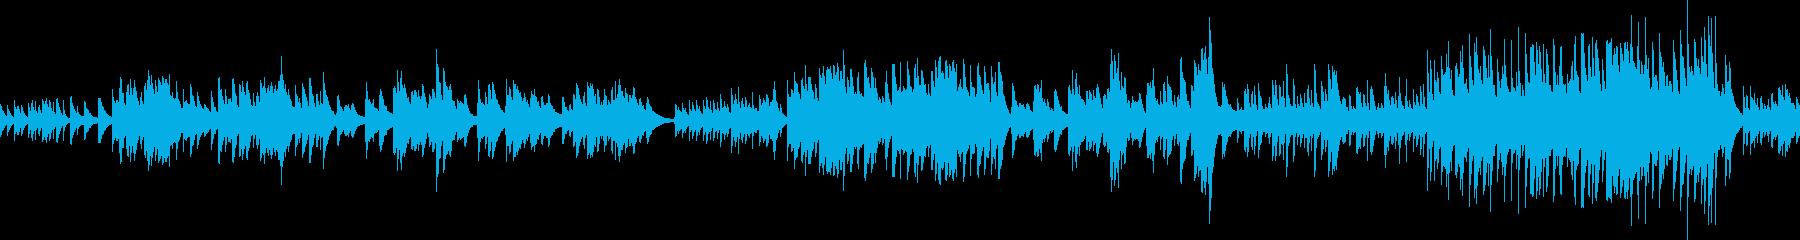 のどかな自然を感じさせるピアノ曲 ループの再生済みの波形